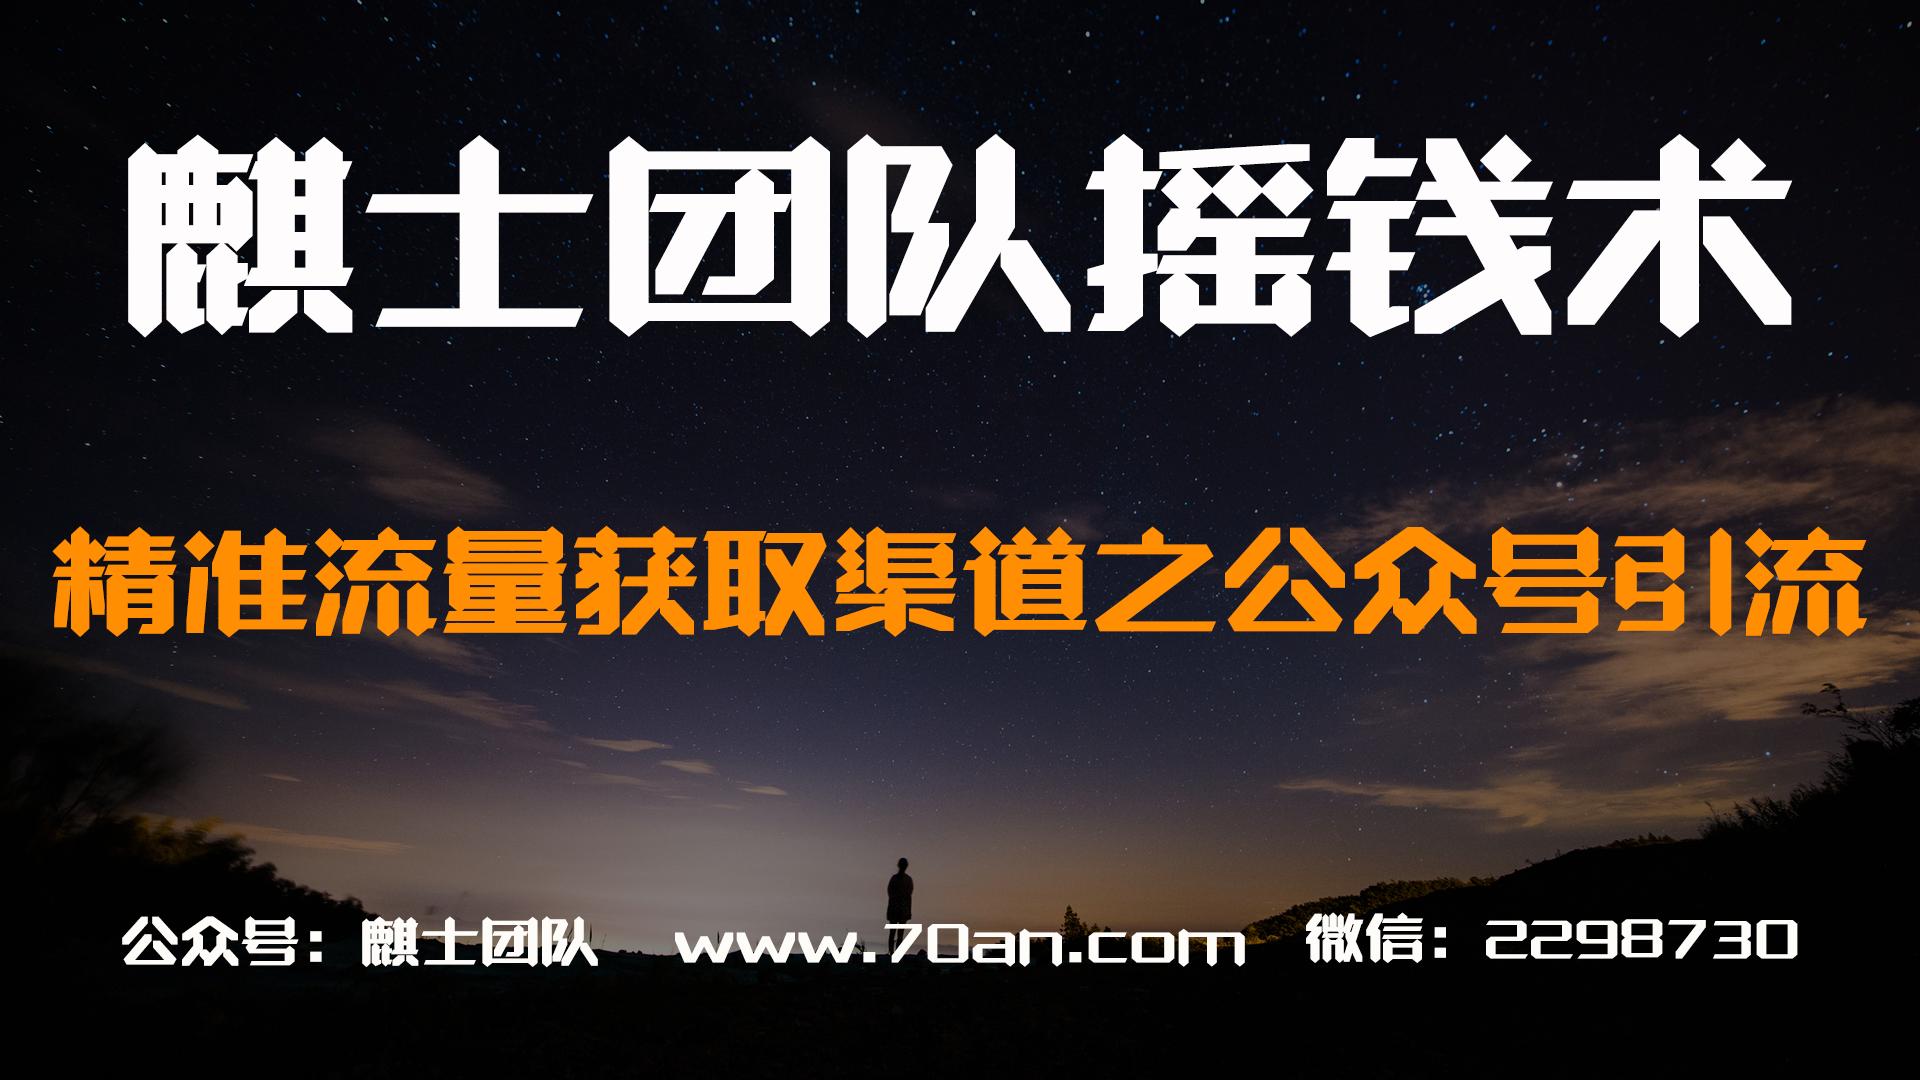 麒士团队摇钱术29:精准流量获取渠道之公众号引流